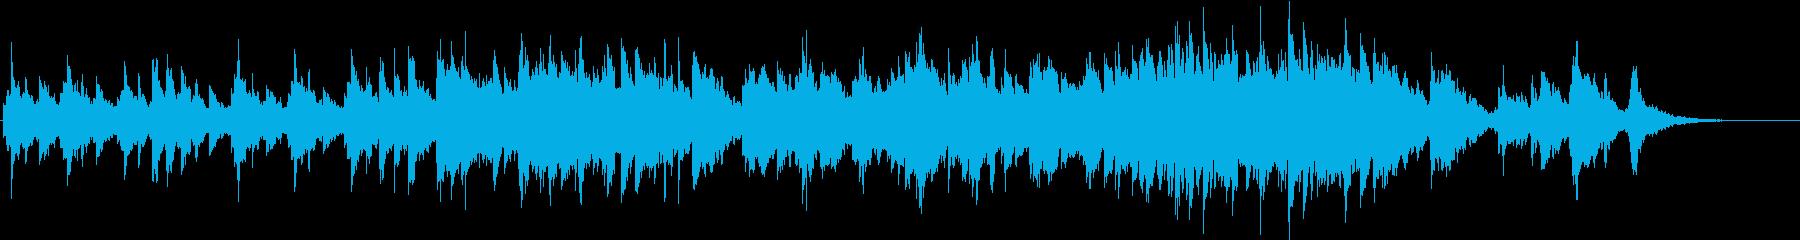 ノスタルジックなエレピバラードの再生済みの波形